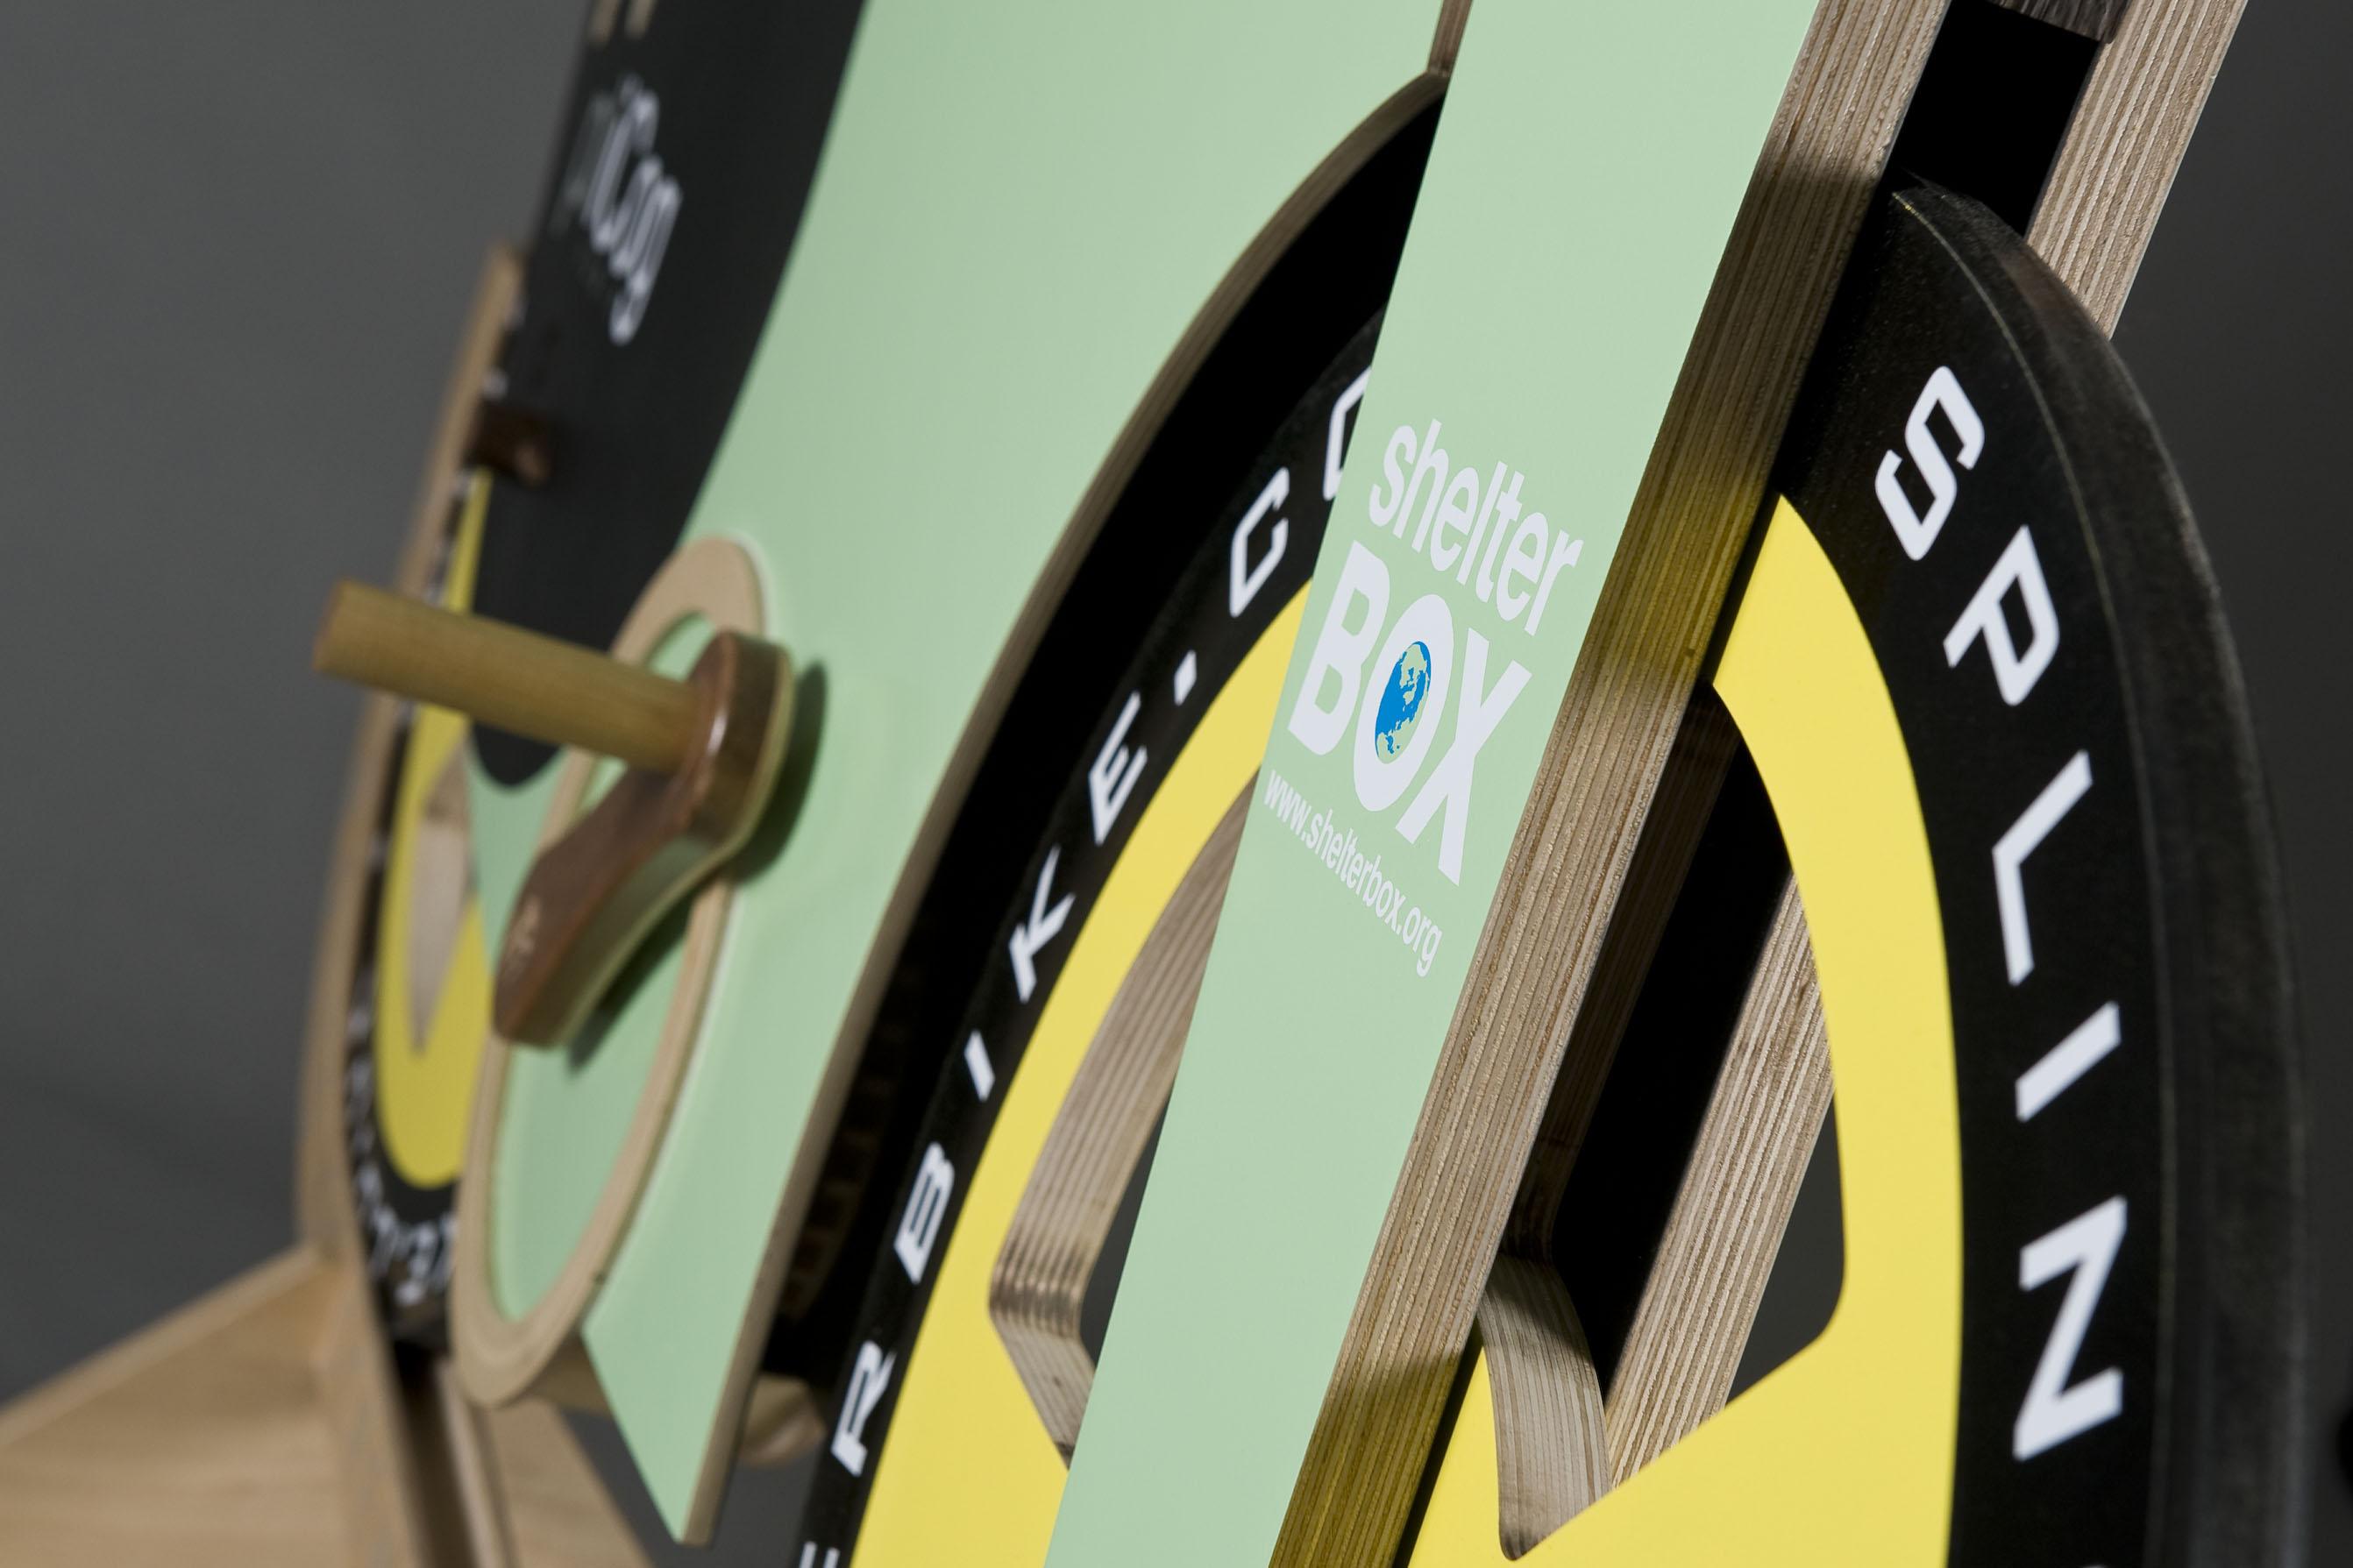 Bicicleta integral din lemn vrea să alerge cu 50 km/h